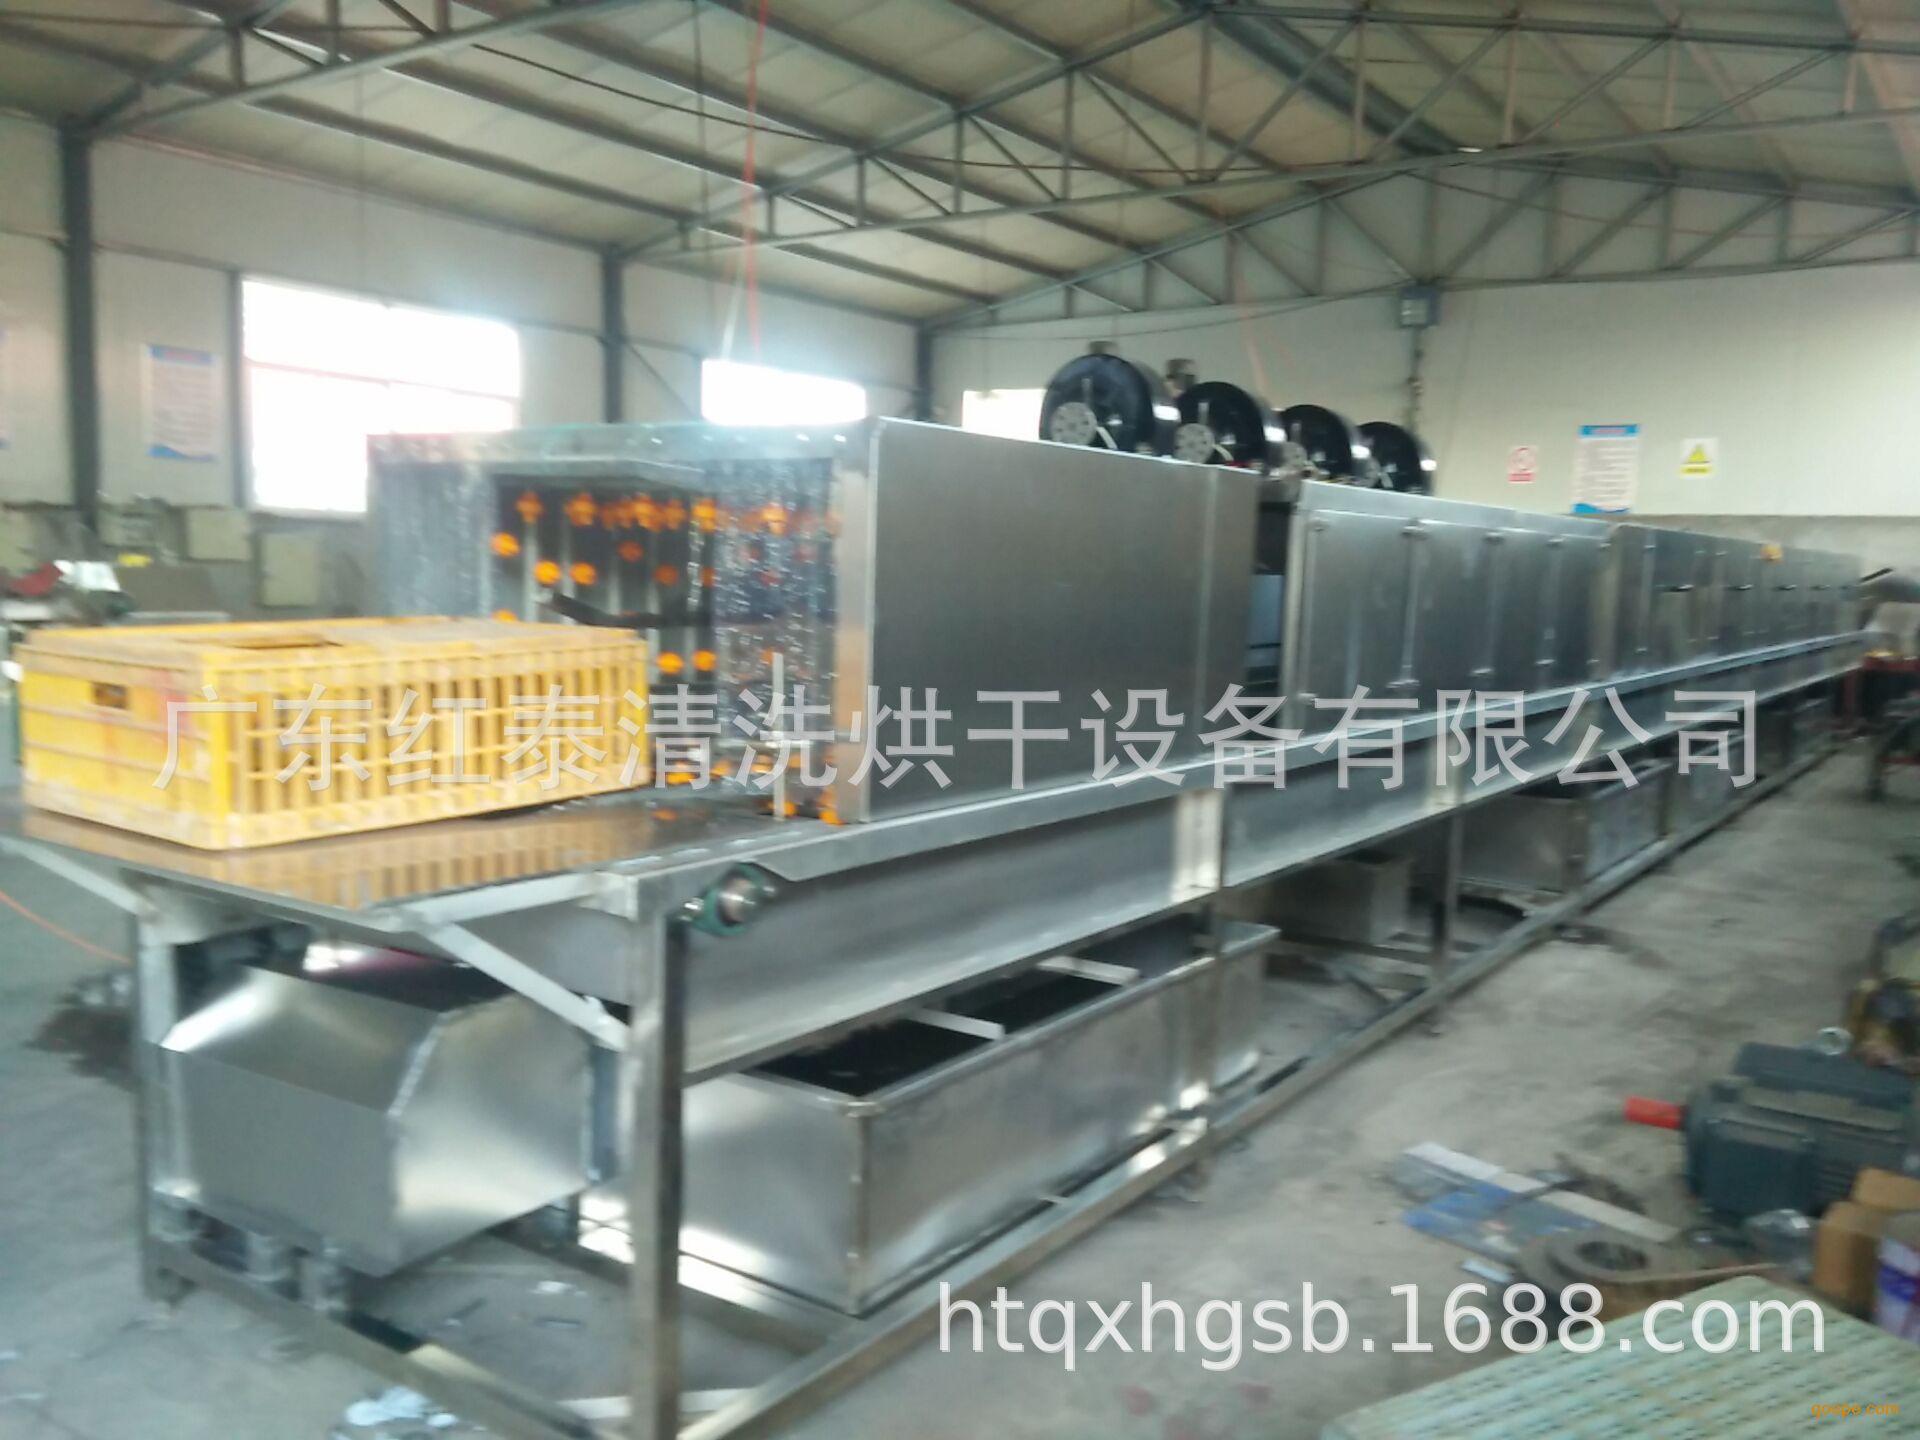 珠海烘培模具清洗机 珠海烘培模具清洗机厂家 清洗机按要求定制示例图7